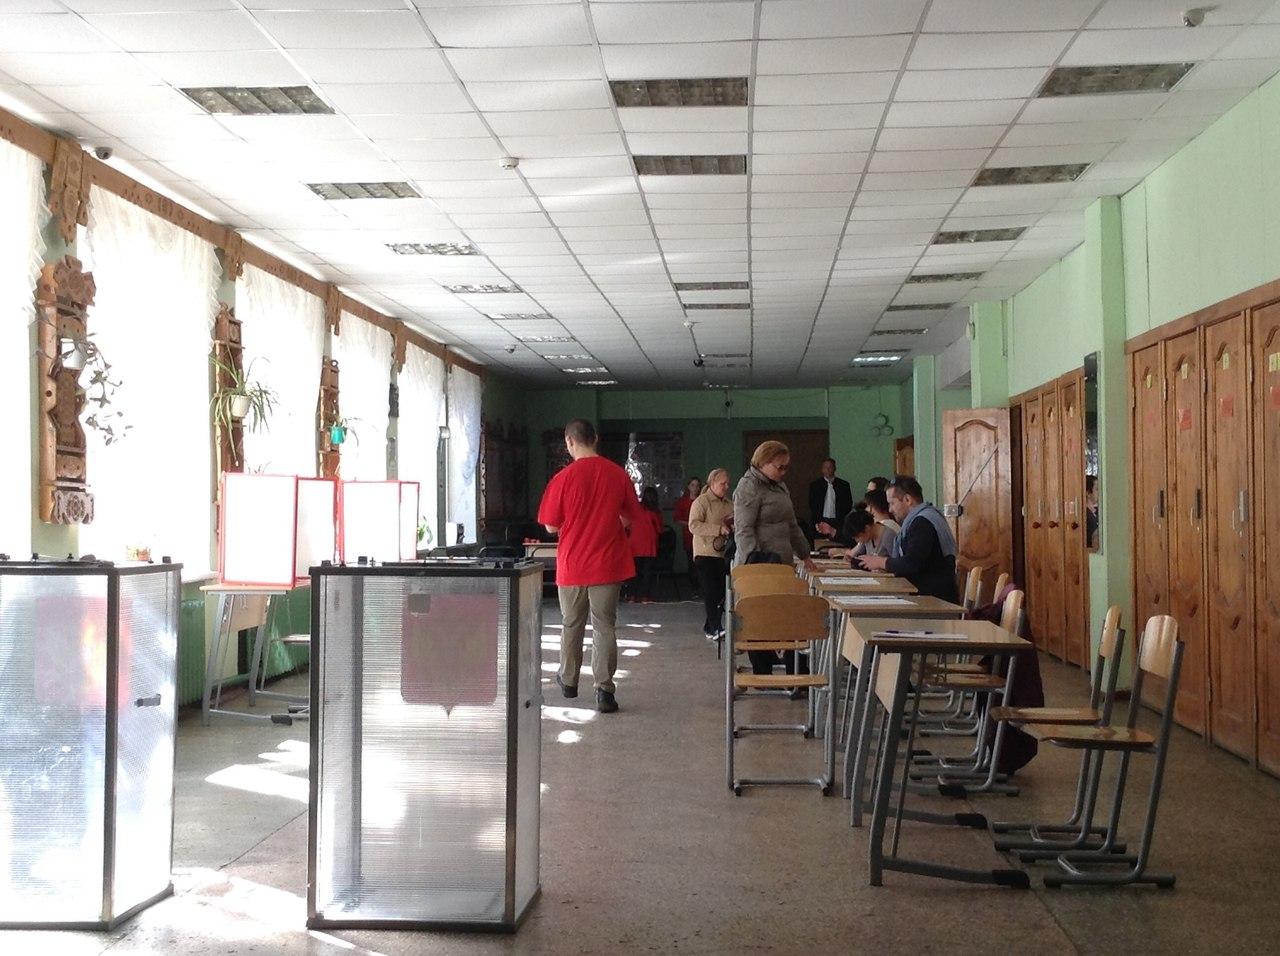 В Ярославле завершилось предварительное голосование «Единой России», на участки пришли более 22 тыс. человек